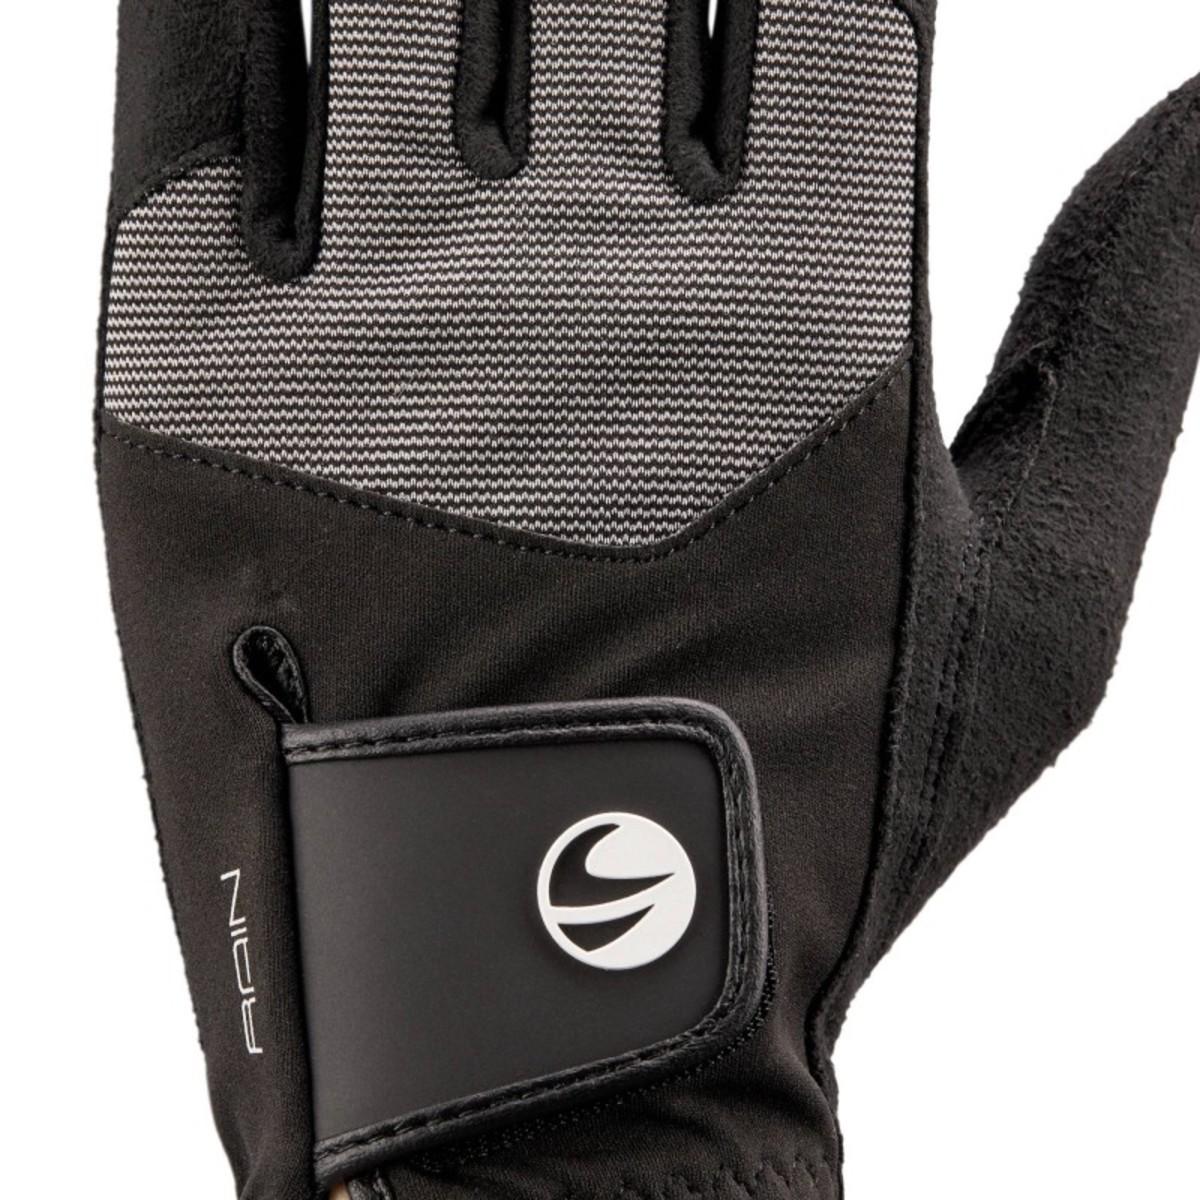 Bild 3 von INESIS Golfhandschuh Regen Rechtshand (für die linke Hand) Herren weiß, Größe: S